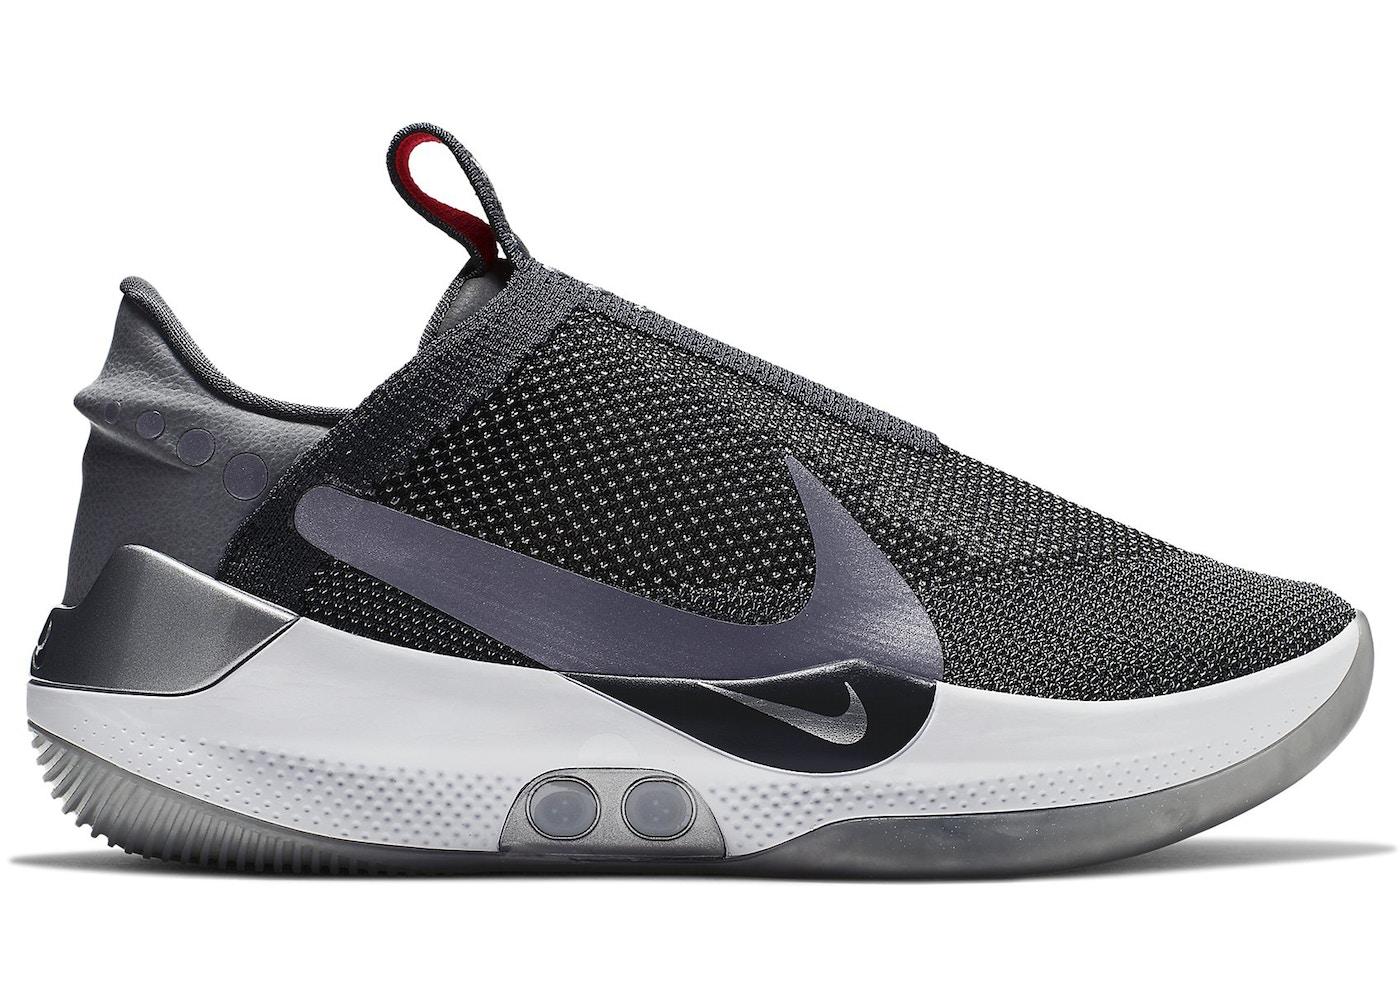 1add9c5f129a Nike Adapt BB Dark Grey - AO2582-004